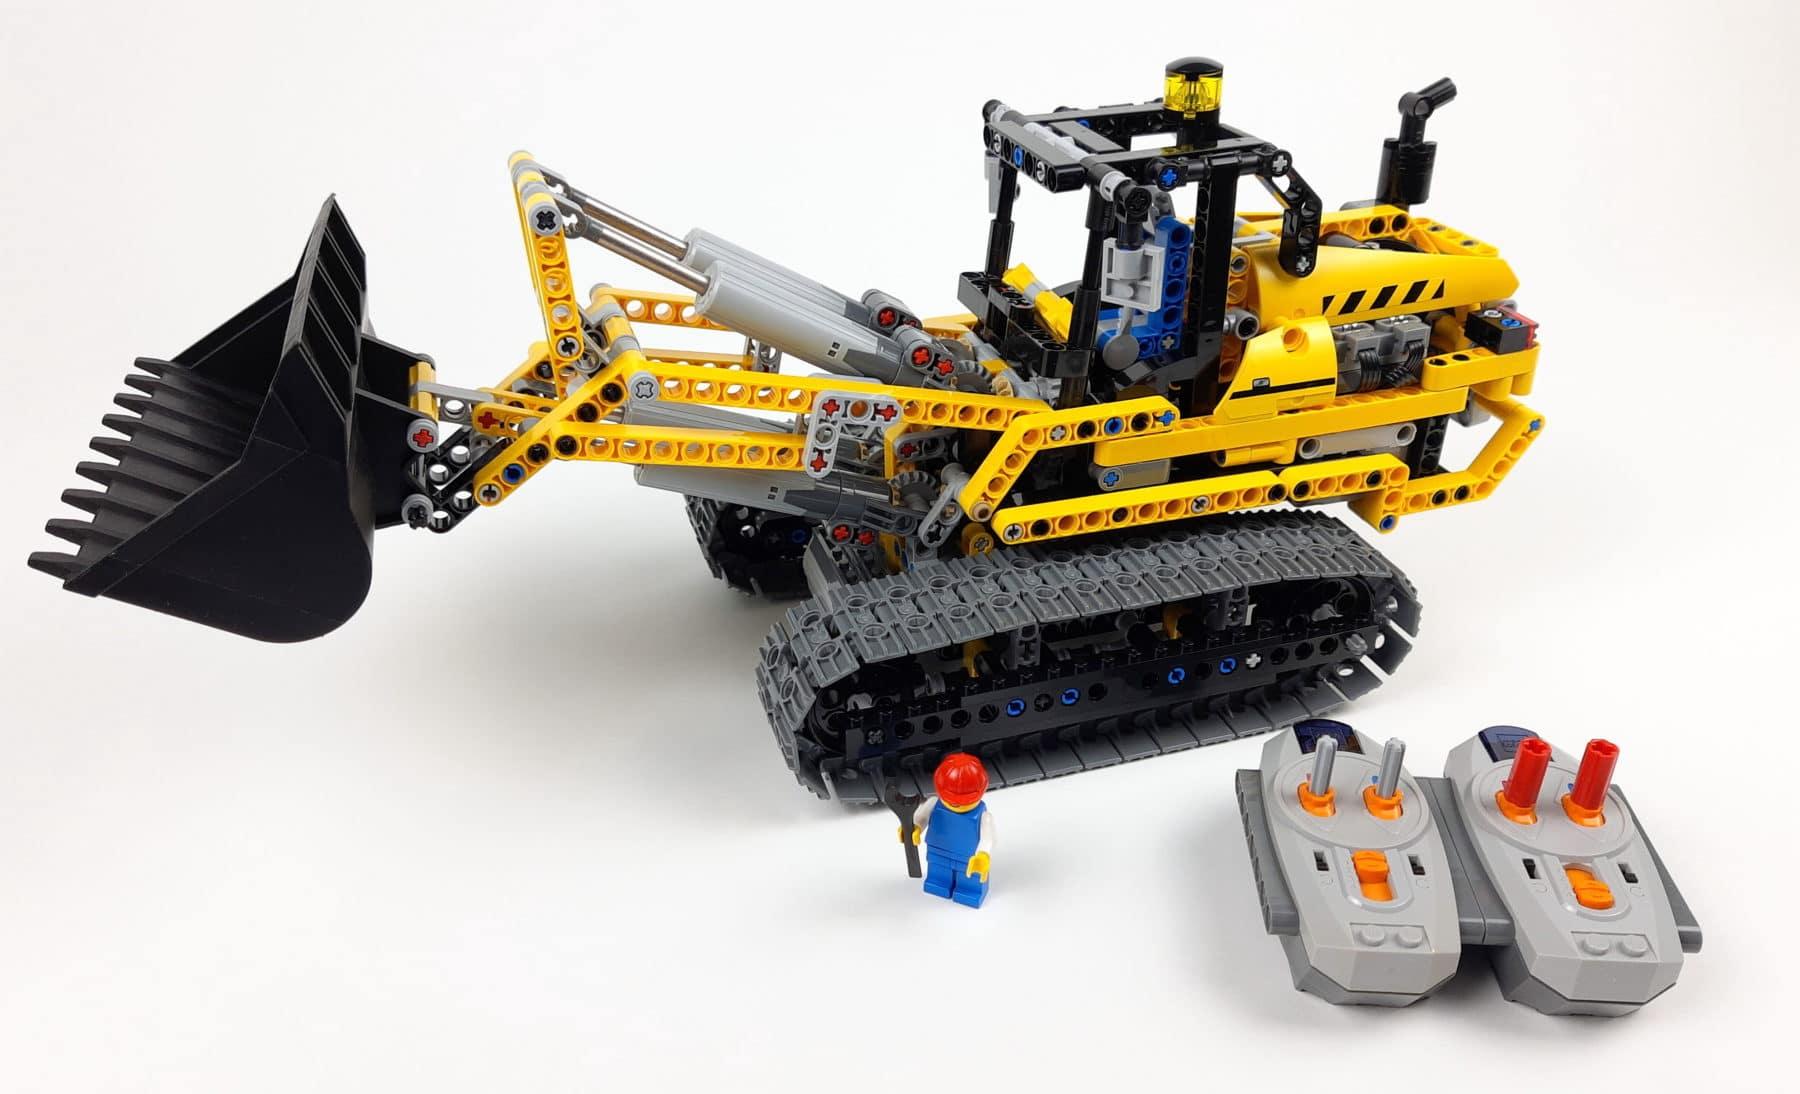 LEGO 8043: B-Modell mit Minifigur als Größenvergleich